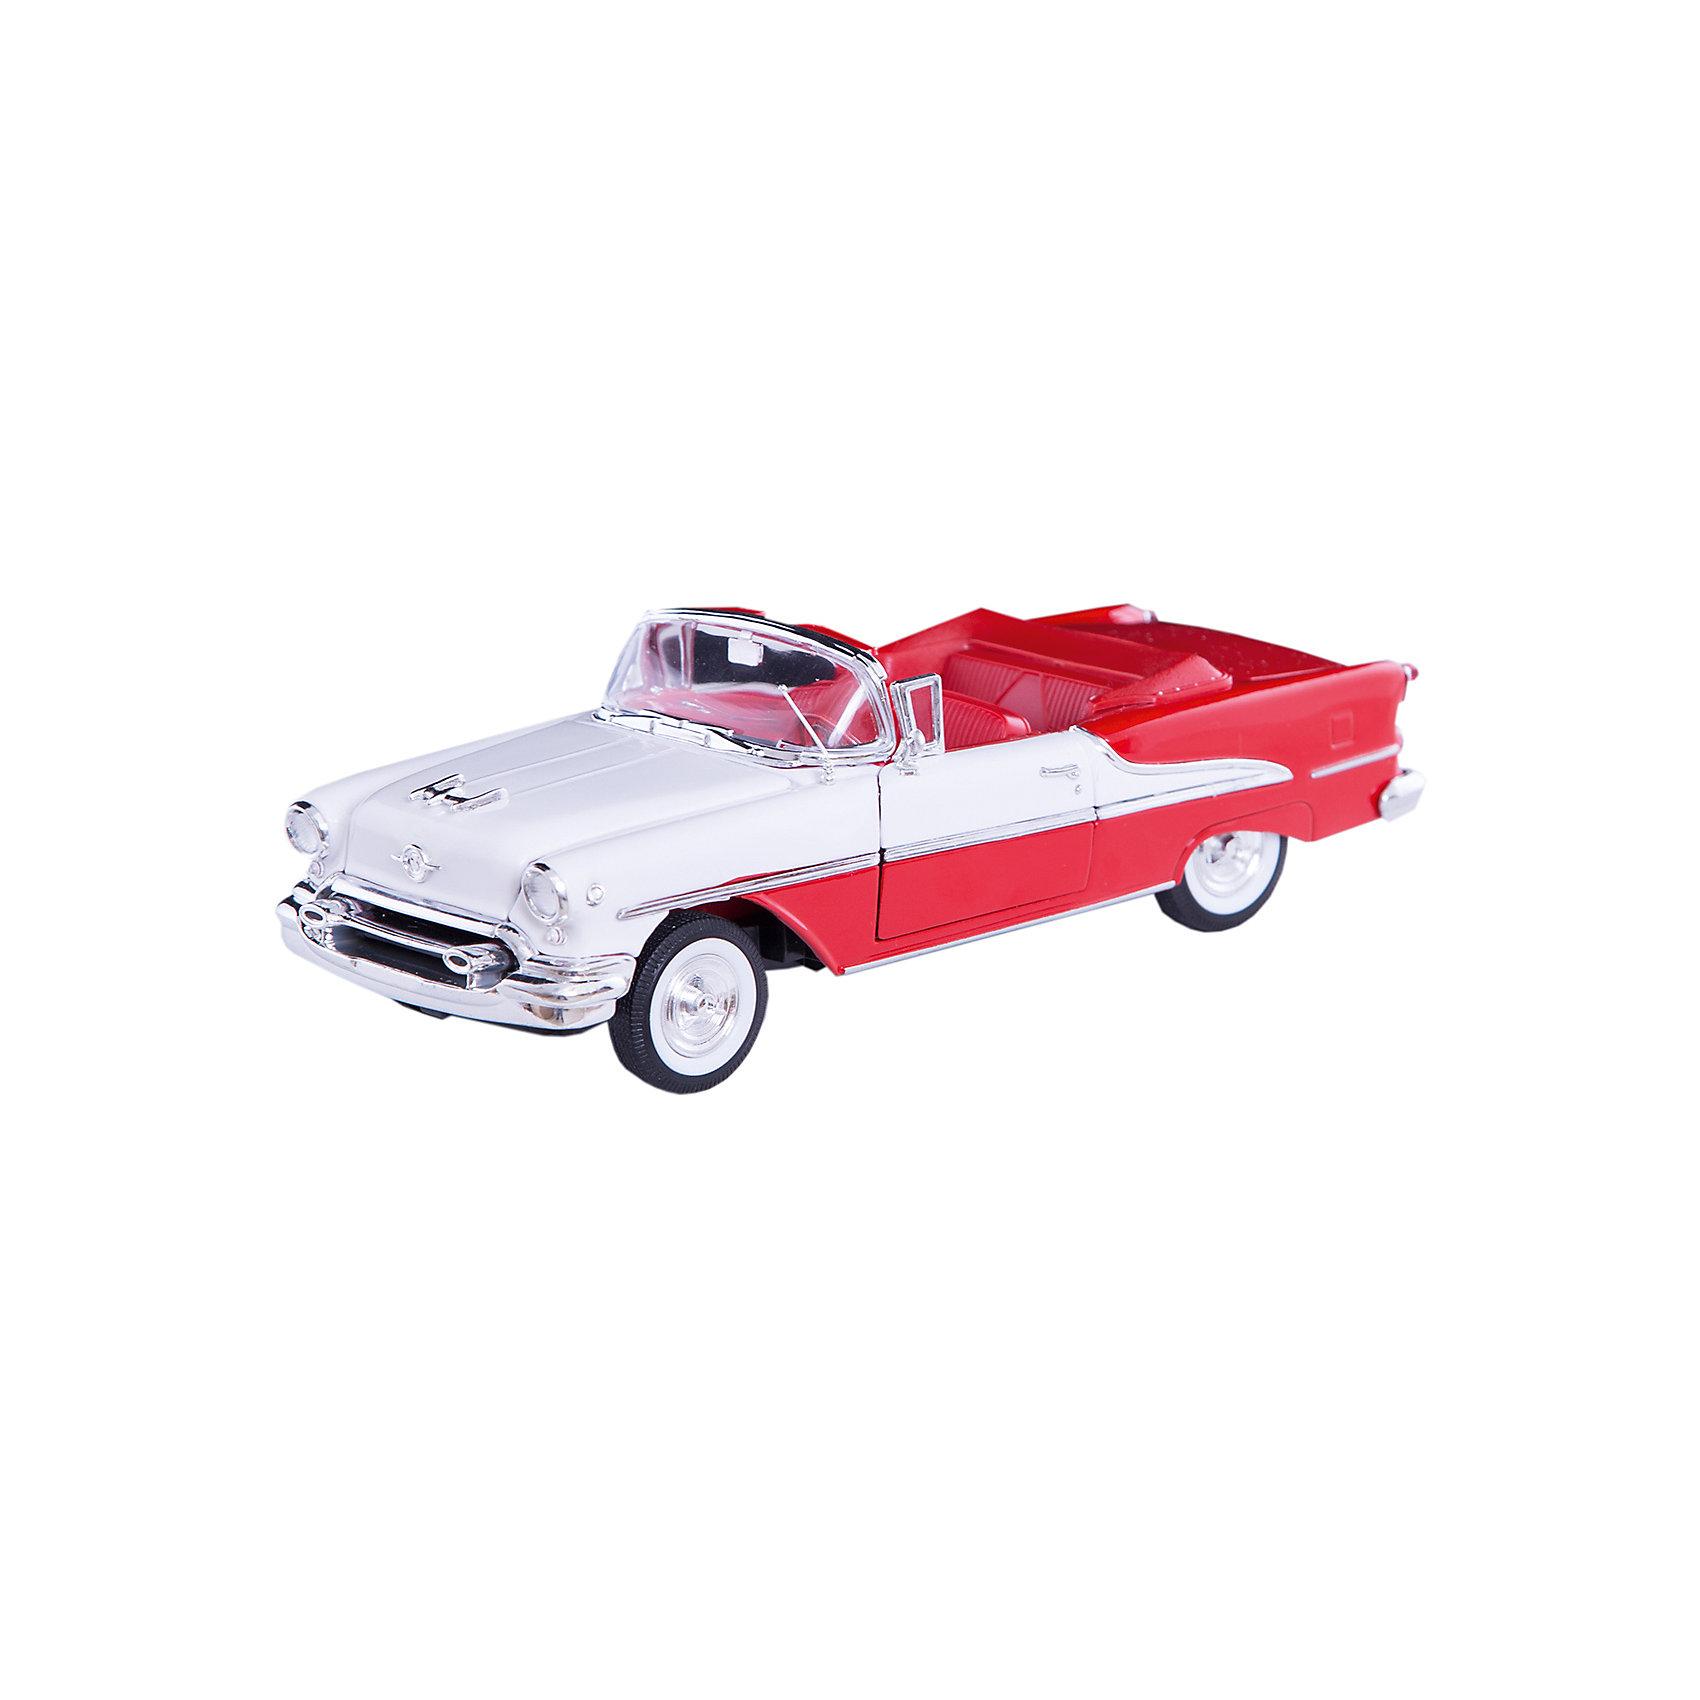 Модель винтажной машины 1:24 Oldsmobile Super 1955, WellyКоллекционные модели<br>Модель винтажной машины Oldsmobile Super 1955 от Welly (Велли) станет замечательным подарком для автолюбителей и коллекционеров всех возрастов. В коллекции масштабных моделей Welly представлено все многообразие автотехники: ретро-автомобили, легковые автомобили различных марок, грузовики, автомобили городских служб и многое другое. Все машинки отличаются высокой степенью детализации и тщательной проработкой всех элементов.<br><br>Машинка кабриолет Oldsmobile Super 1955 - это точная копия настоящего ретро-автомобиля в масштабе 1:24. Oldsmobile является одной из старейших автомобильных марок, принадлежавшей корпорации General Motors, она была основана в 1897 году и просуществовала до 2004 года. Модель от Welly оснащена прочным лобовым стеклом, интерьер салона, органы управления и двигатель тщательно проработаны. Двери и капот открываются, руль и колеса вращаются. Корпус машинки выполнен из металла, а отделка салона и декоративные элементы из пластика.<br><br>Дополнительная информация:<br><br>- Материал: металл, пластик, колеса прорезиненные.<br>- Масштаб: 1:24.<br>- Размер модели: 8 х 18 х 5 см.<br>- Размер упаковки: 11 х 23 х 10 см.<br>- Вес: 0,6 кг. <br><br>Модель винтажной машины Oldsmobile Super 1955, Welly можно купить в нашем интернет-магазине.<br><br>Ширина мм: 230<br>Глубина мм: 110<br>Высота мм: 100<br>Вес г: 567<br>Возраст от месяцев: 36<br>Возраст до месяцев: 192<br>Пол: Мужской<br>Возраст: Детский<br>SKU: 3777882